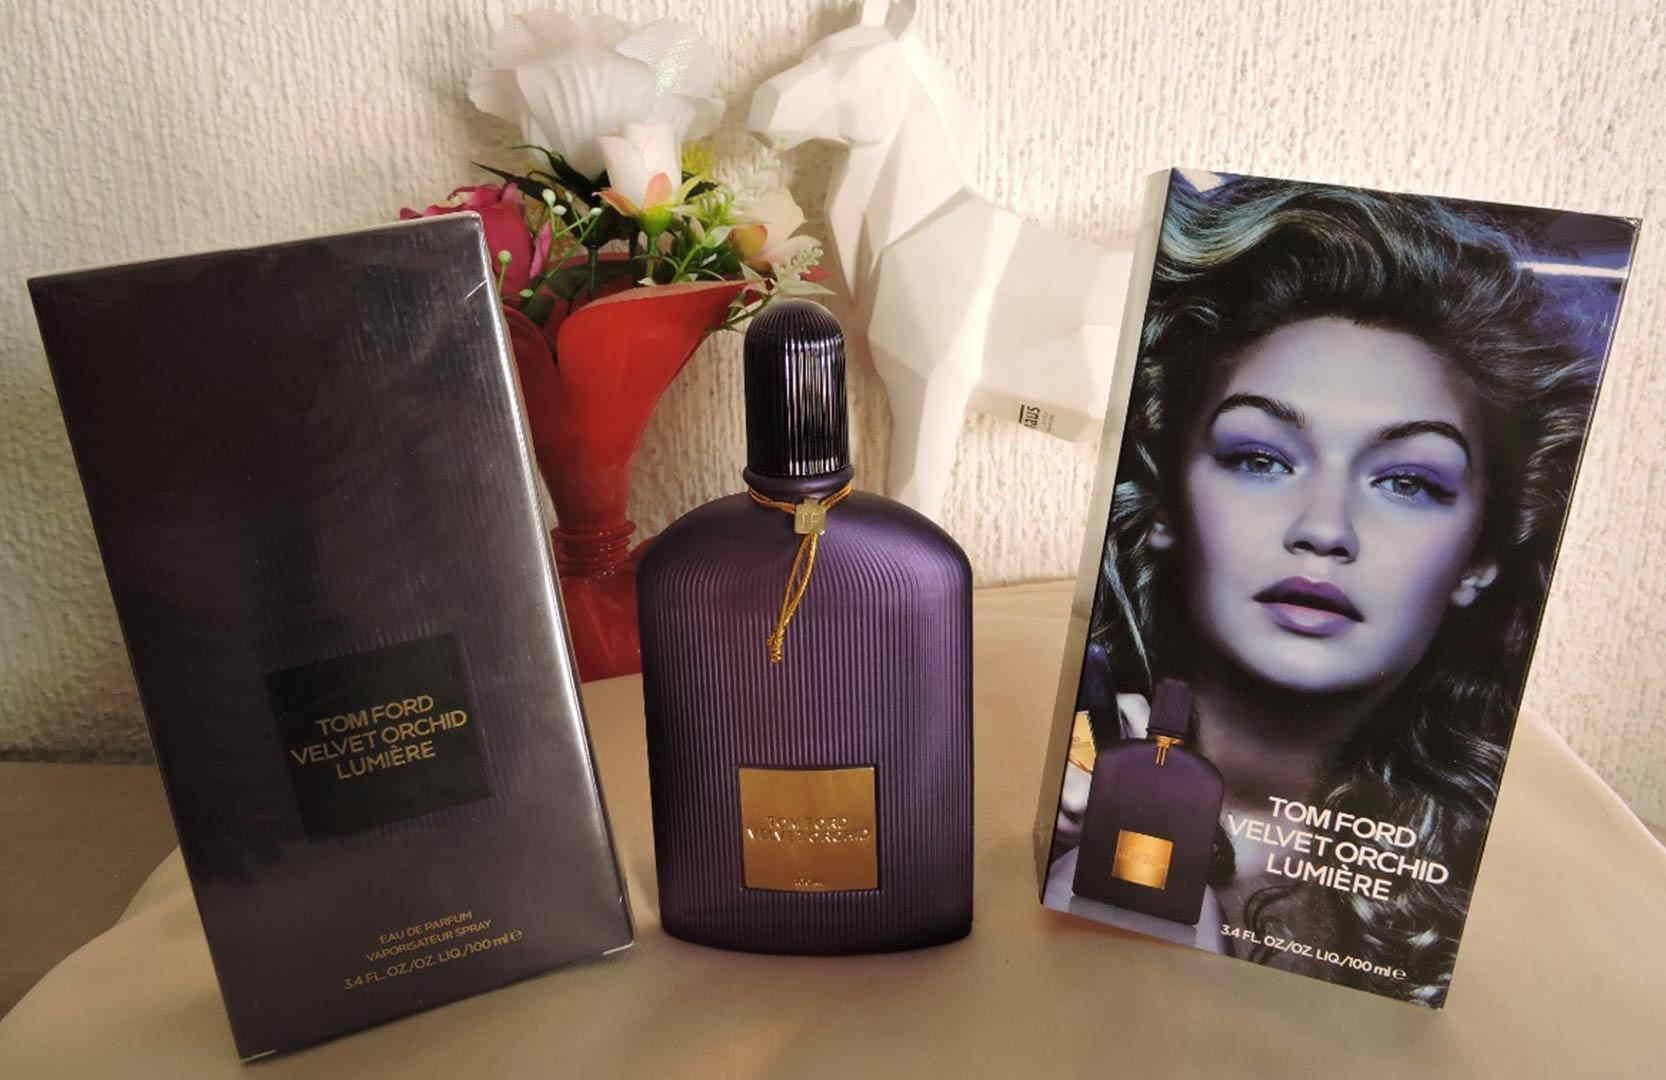 Tom-Ford-Velvet-Orchid-Lumiere-1558523884.jpg